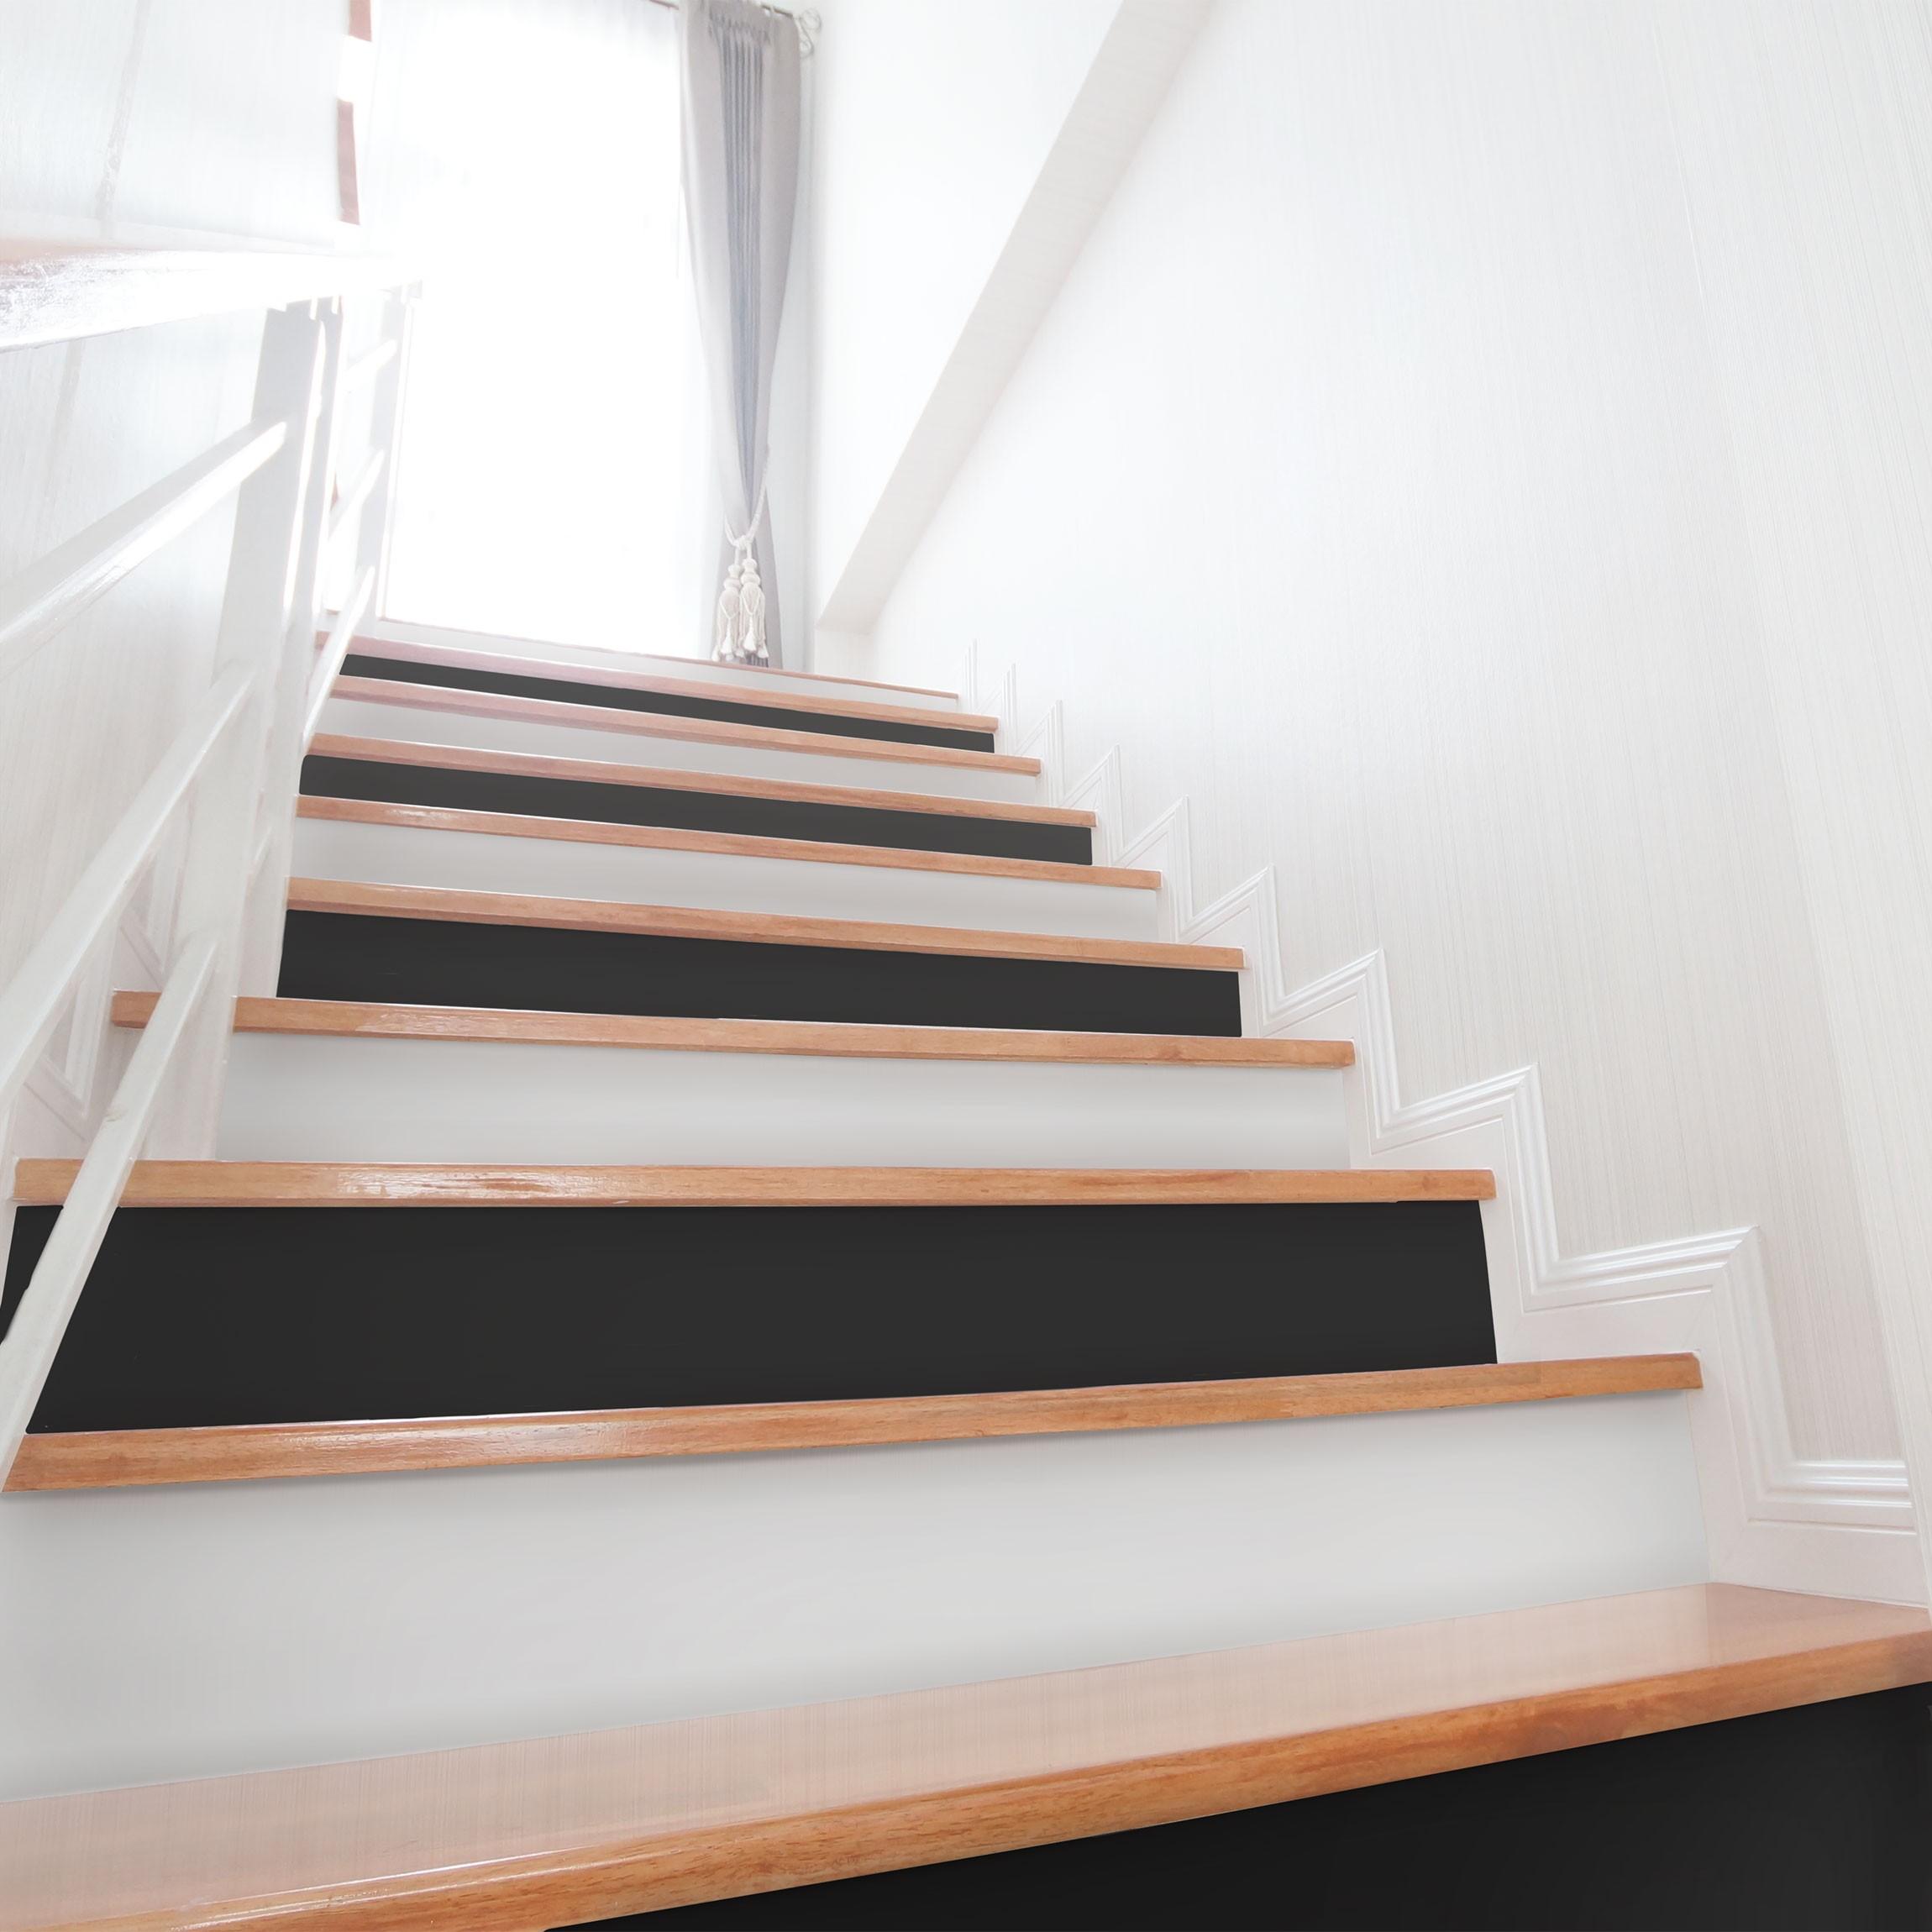 klebefolie schwarz wei farbset zum selbst gestalten selbstklebefolie. Black Bedroom Furniture Sets. Home Design Ideas